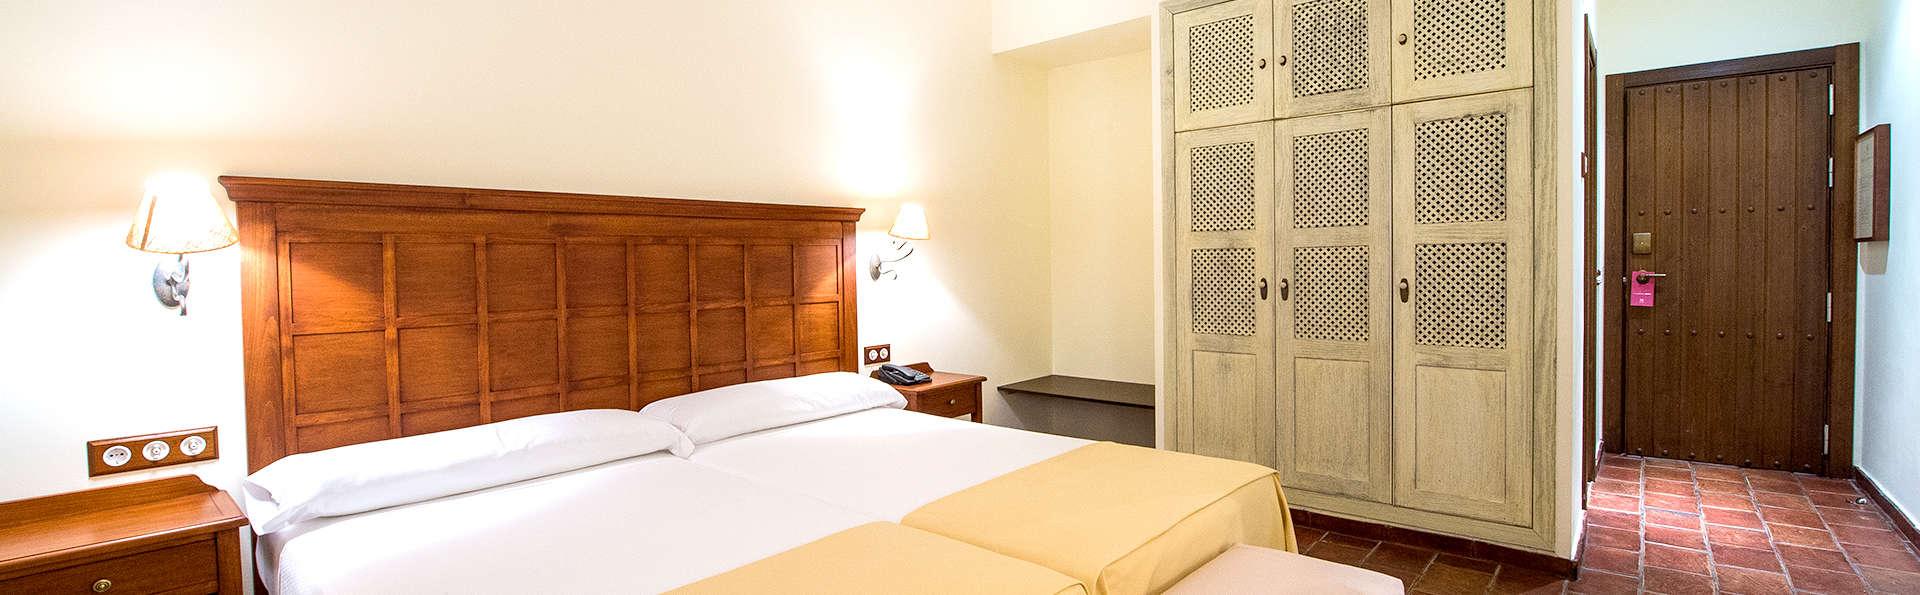 Hospedium Hotel Cortijo Santa Cruz - Edit_Room.jpg